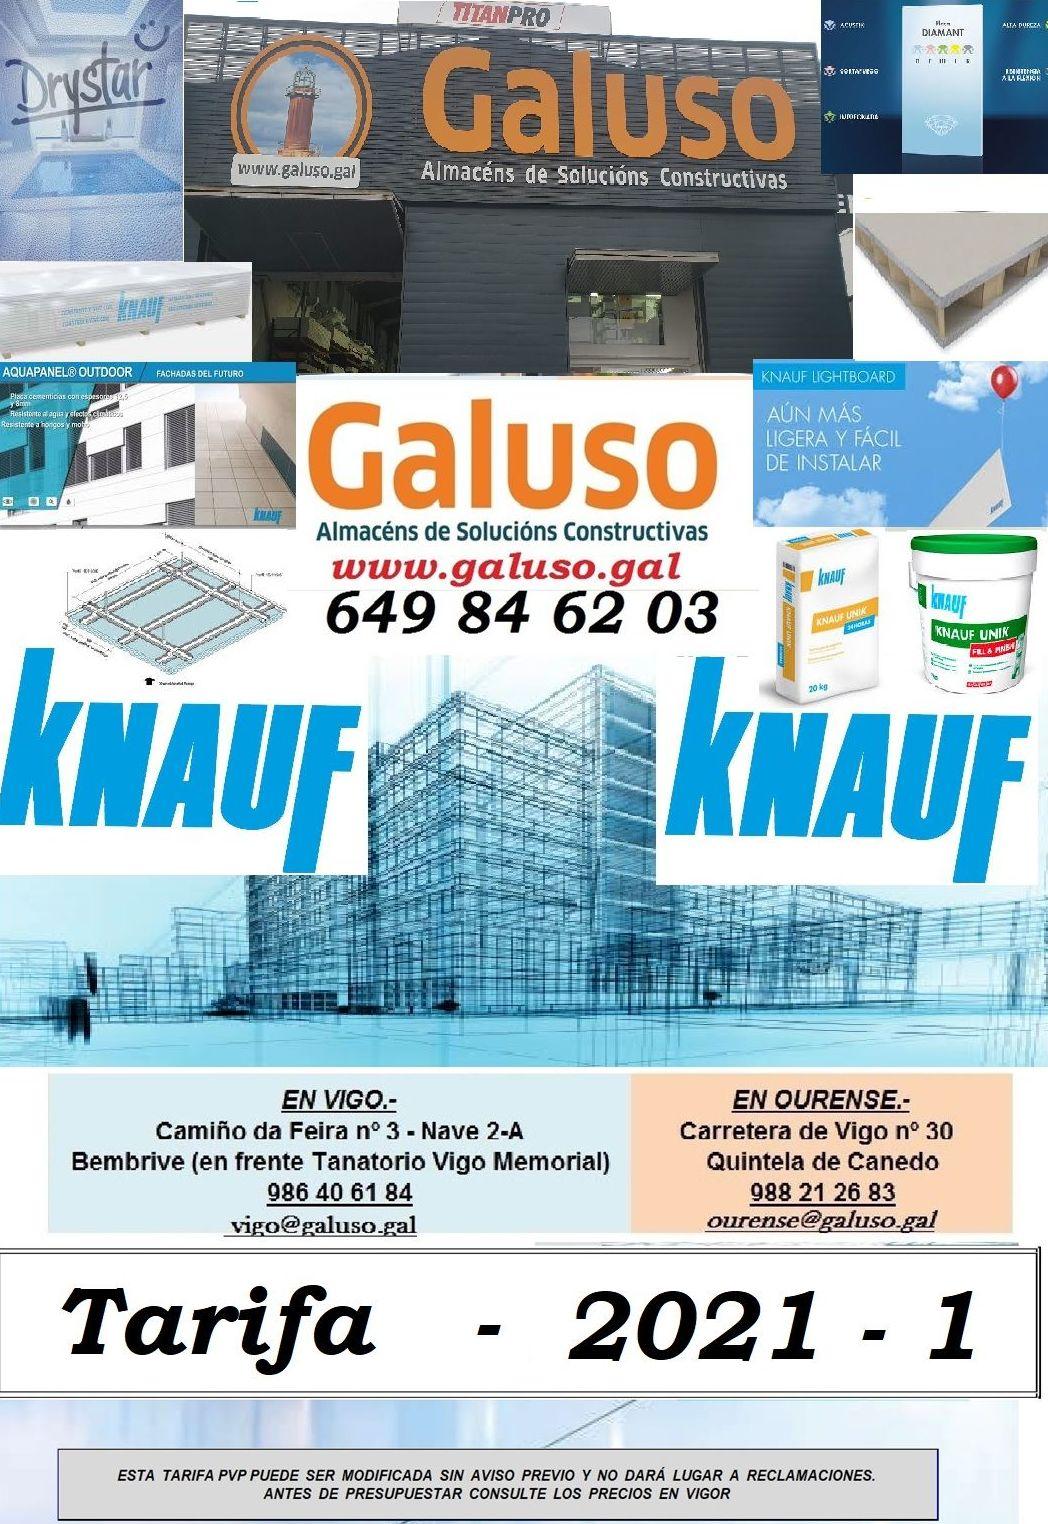 NOVAS TARIFAS KNAUF 2021-1: Catálogo de Galuso